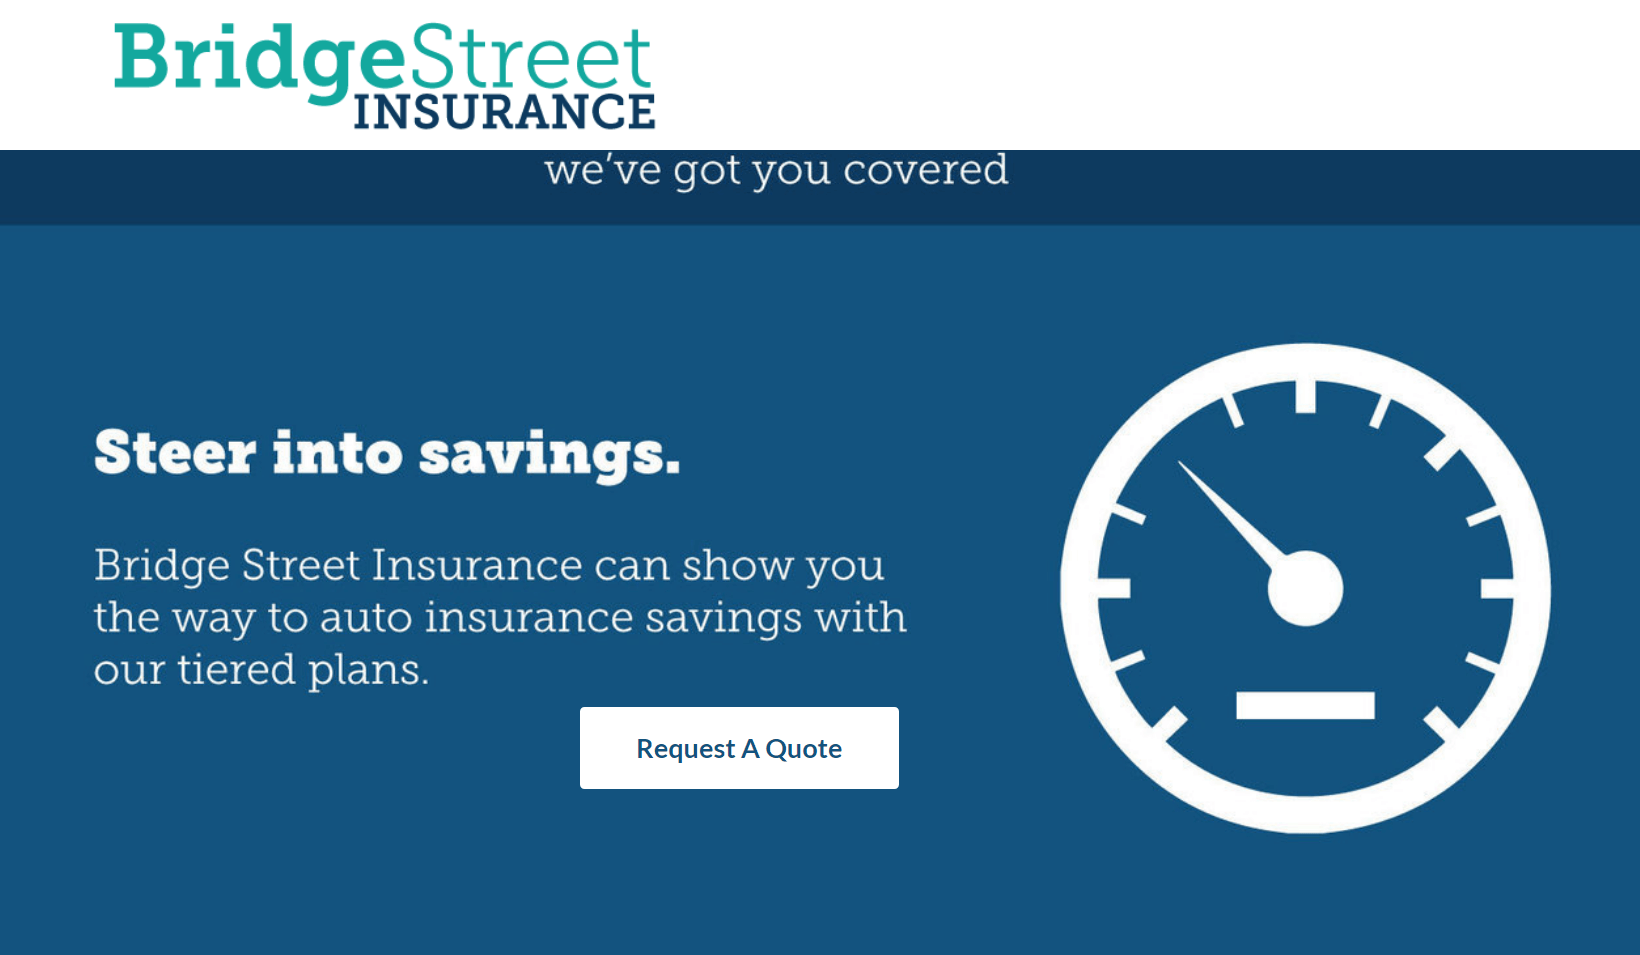 Captura de pantalla de una página web de Bridge Street Insurance con un botón de llamada a la acción Solicitar una cotización